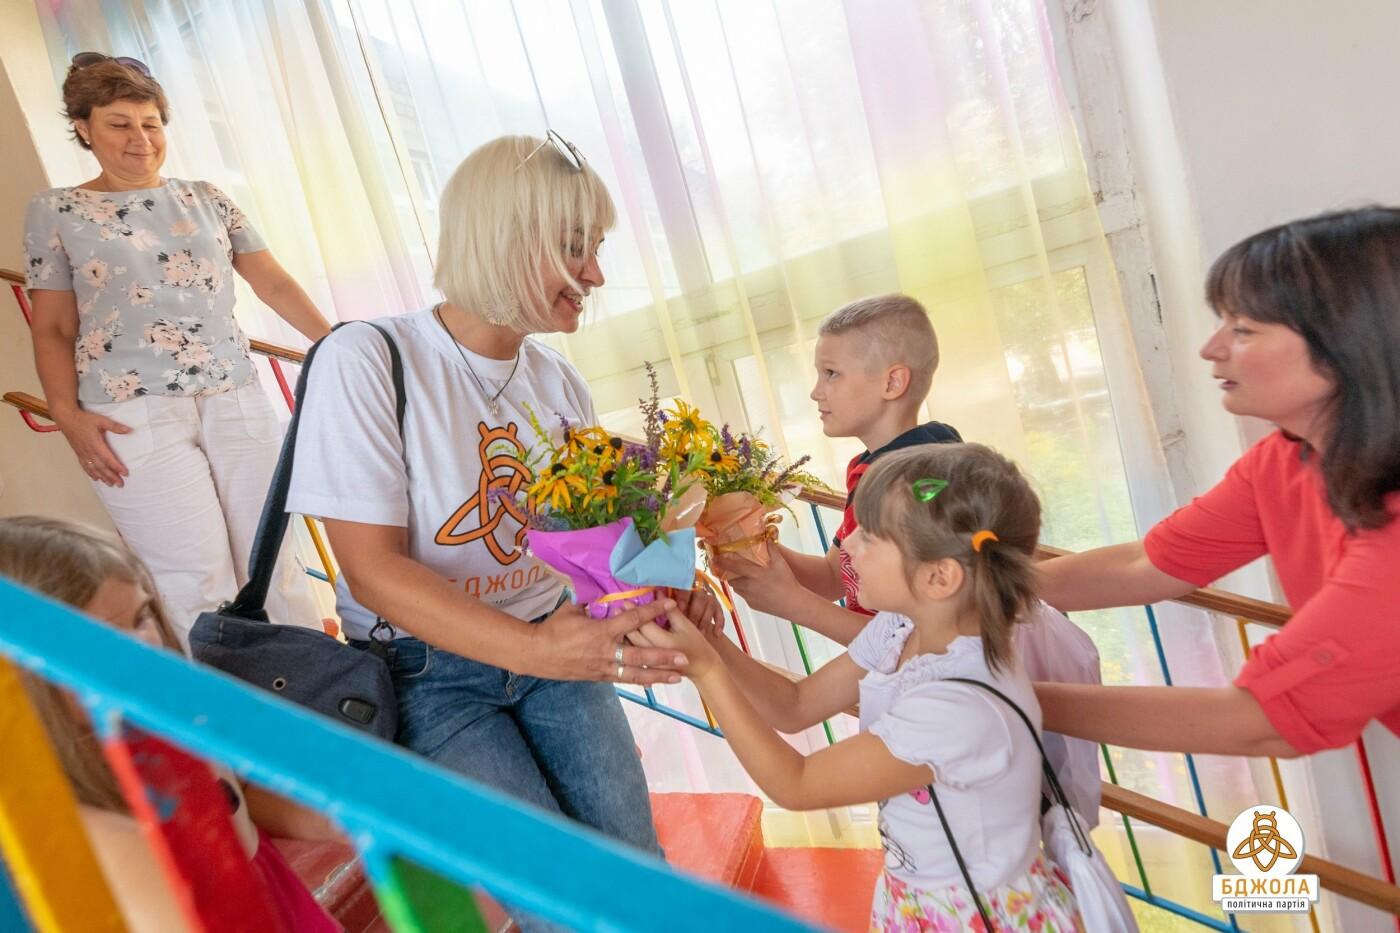 Активисты ПП «Бджола» навестили воспитанников Центра социально-психологической реабилитации детей, фото-8